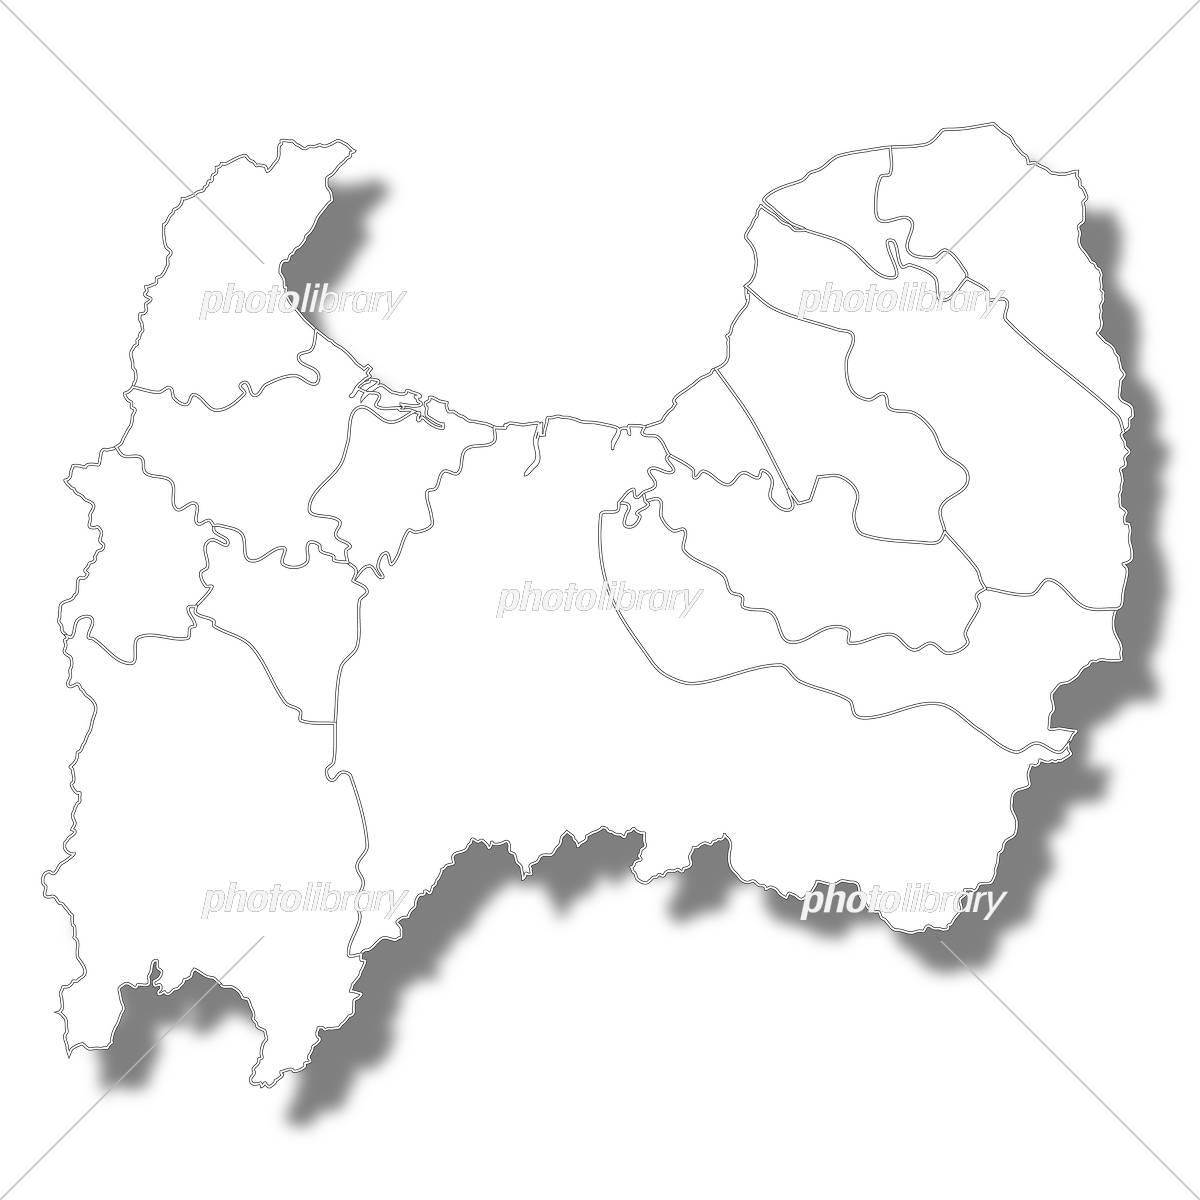 富山 地図 イラスト素材 5429705 フォトライブラリー Photolibrary